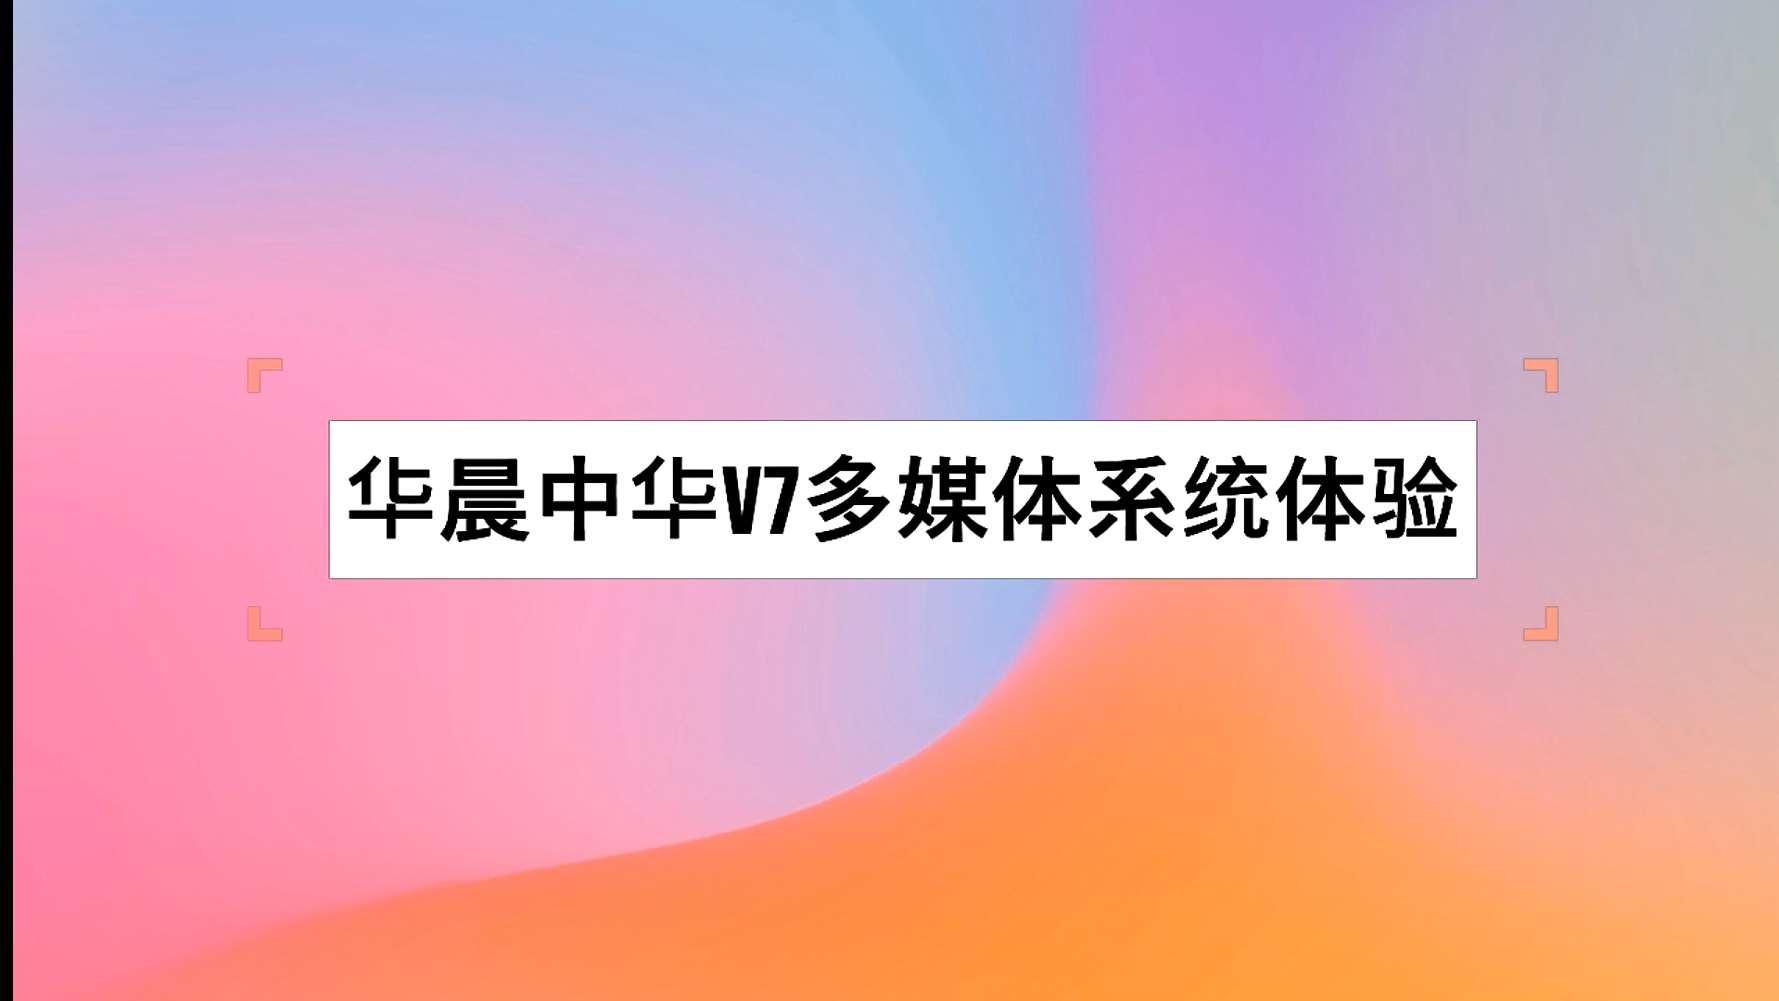 华晨中华V7多媒体系统体验